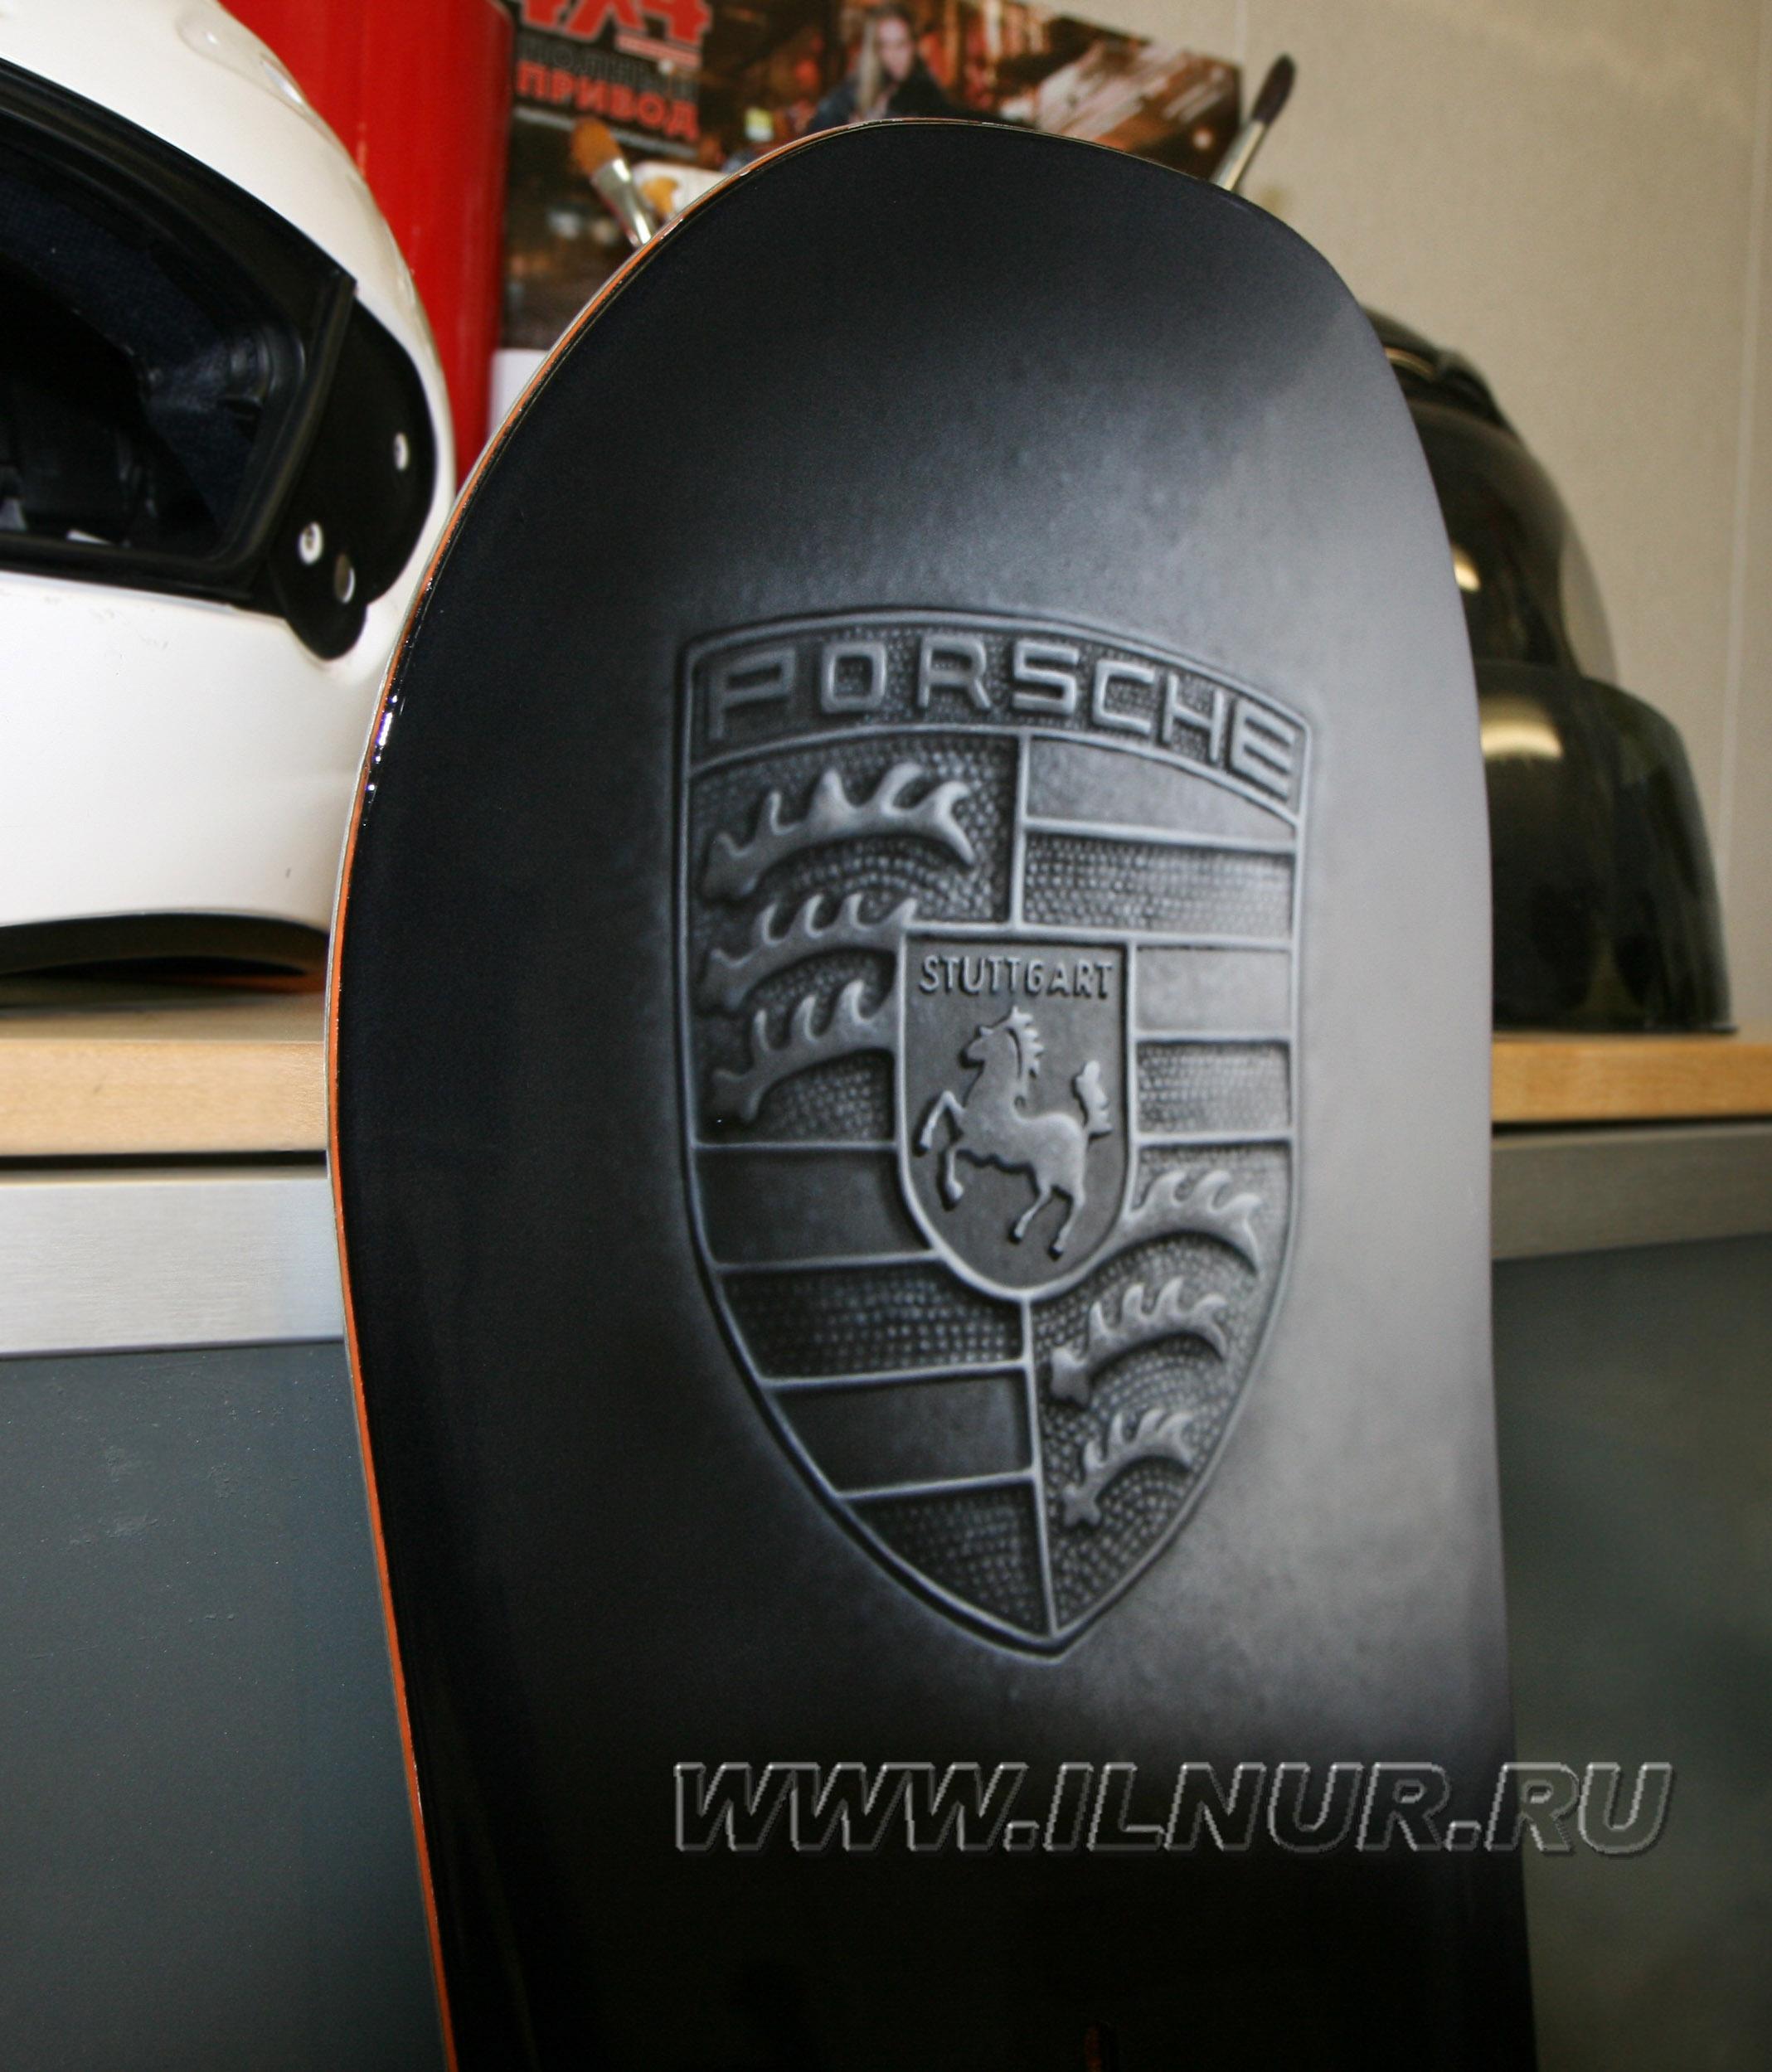 «Сноуборд в подарок» аэрография в стиле Porsche